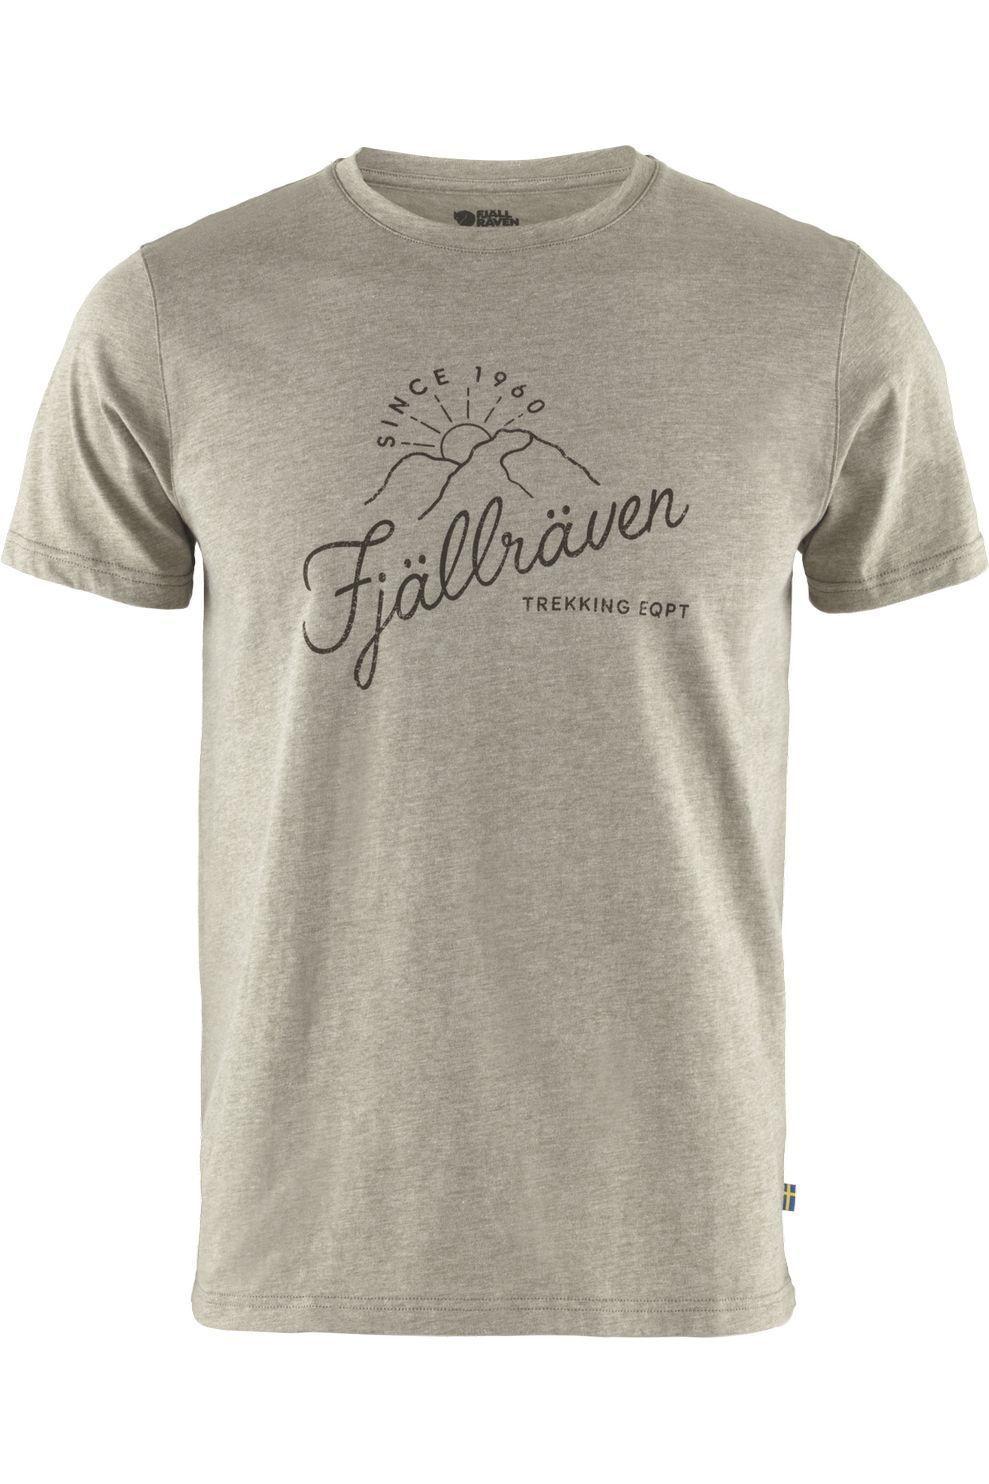 Fjällräven T-Shirt Sunrise voor heren - LichtGroen/Mengeling - Maten: XS, S, M, L, XL, XXL